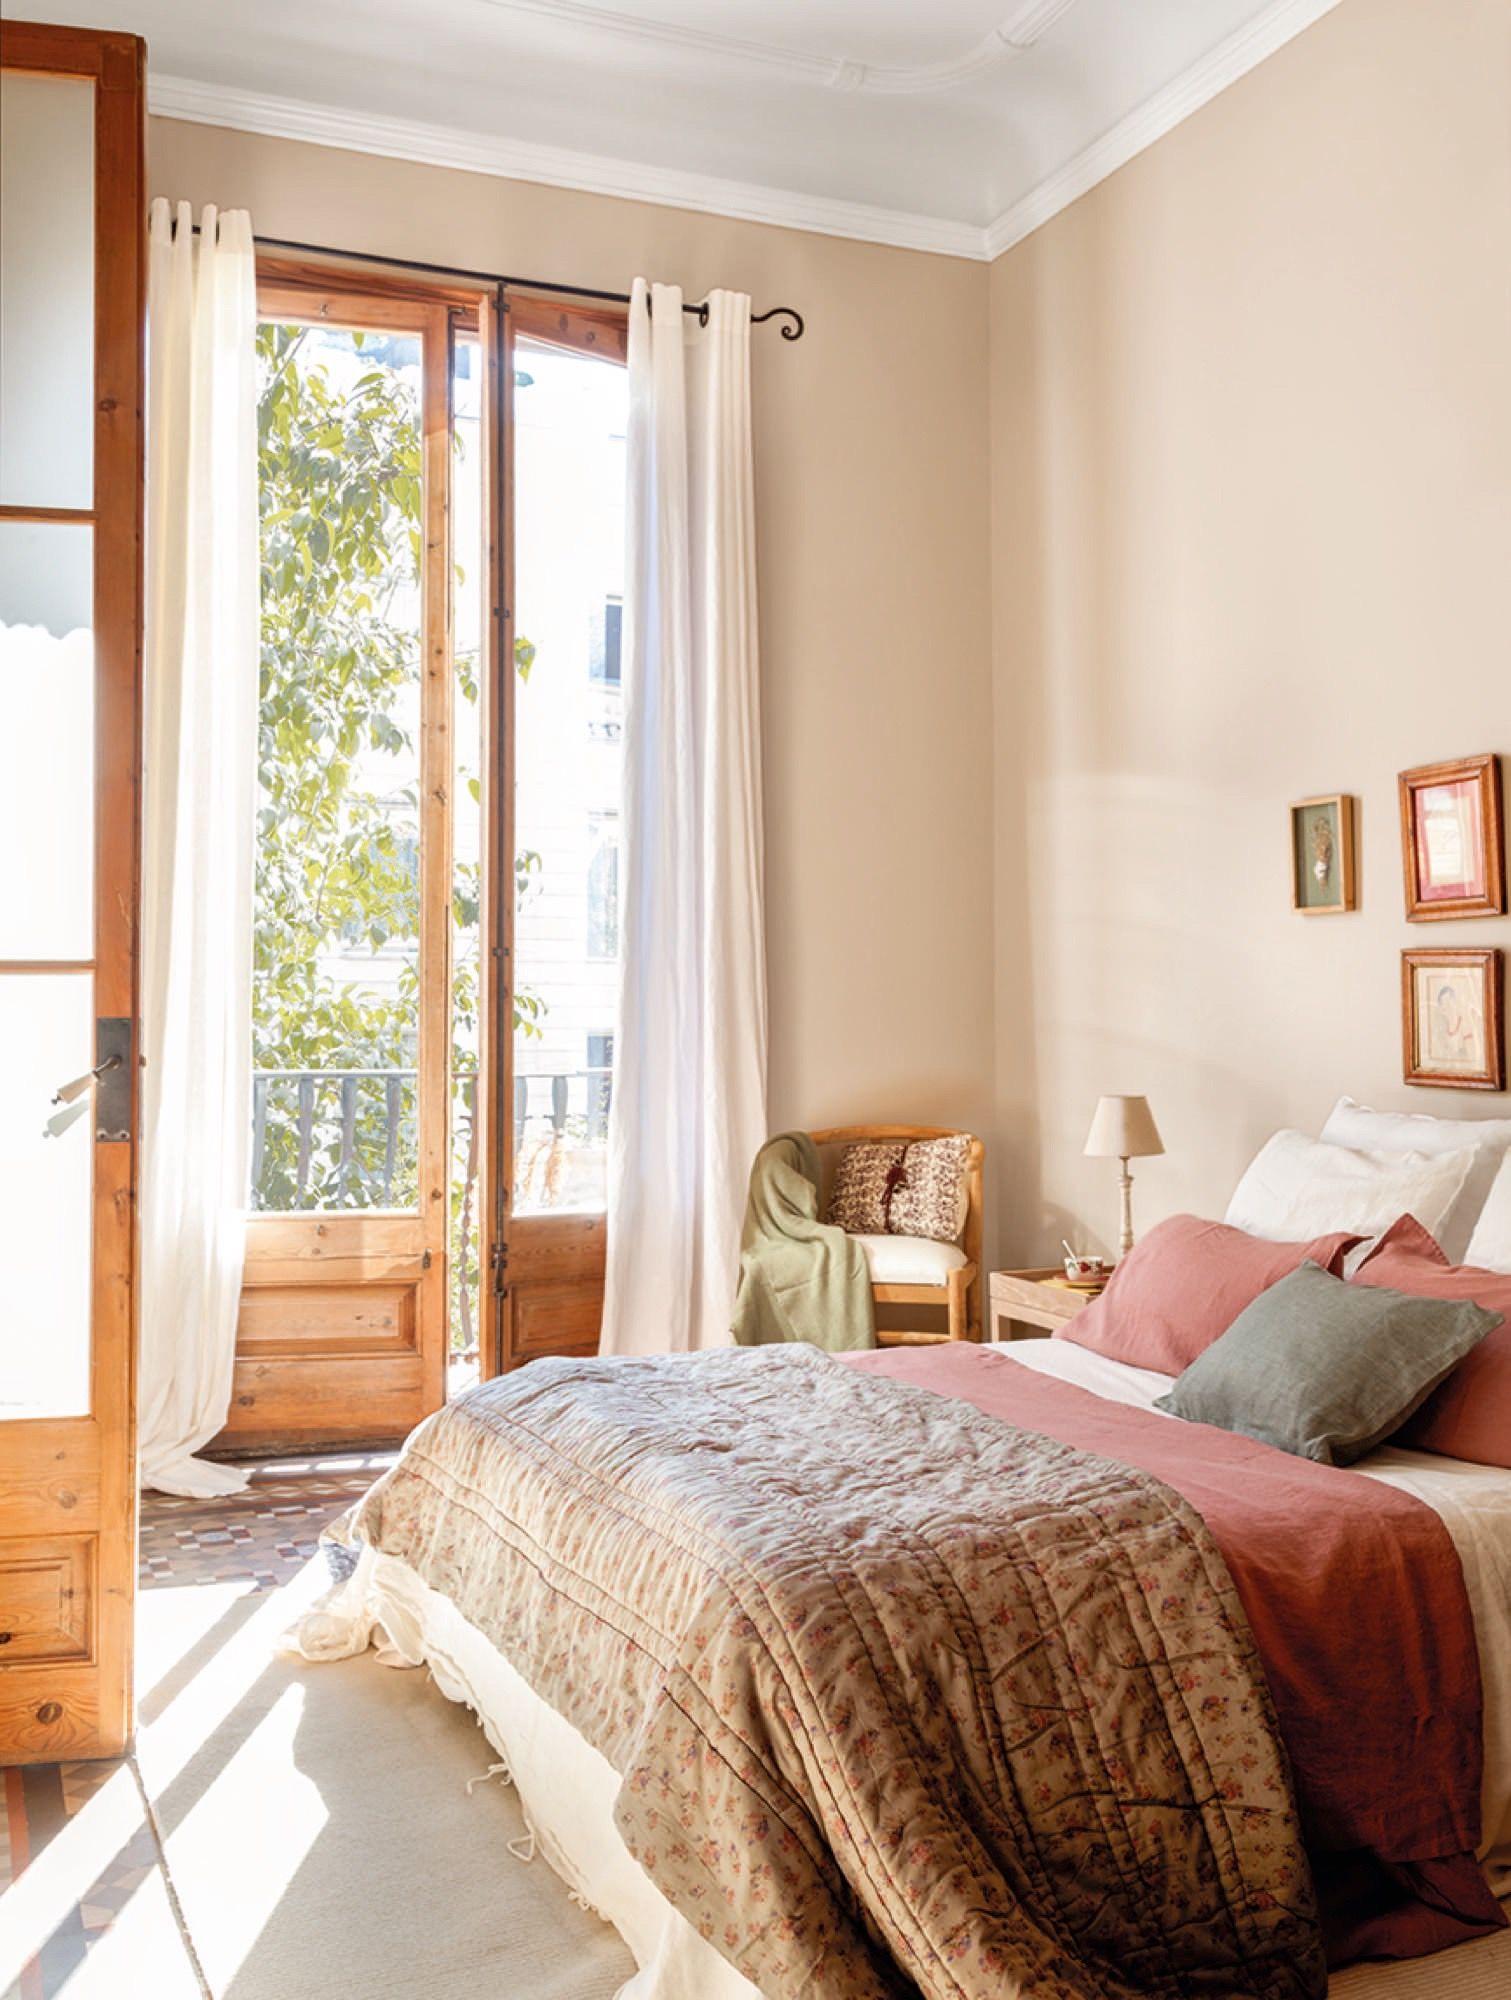 Un piso en barcelona con suelos de mosaico decora el for Pinterest decoracion dormitorios